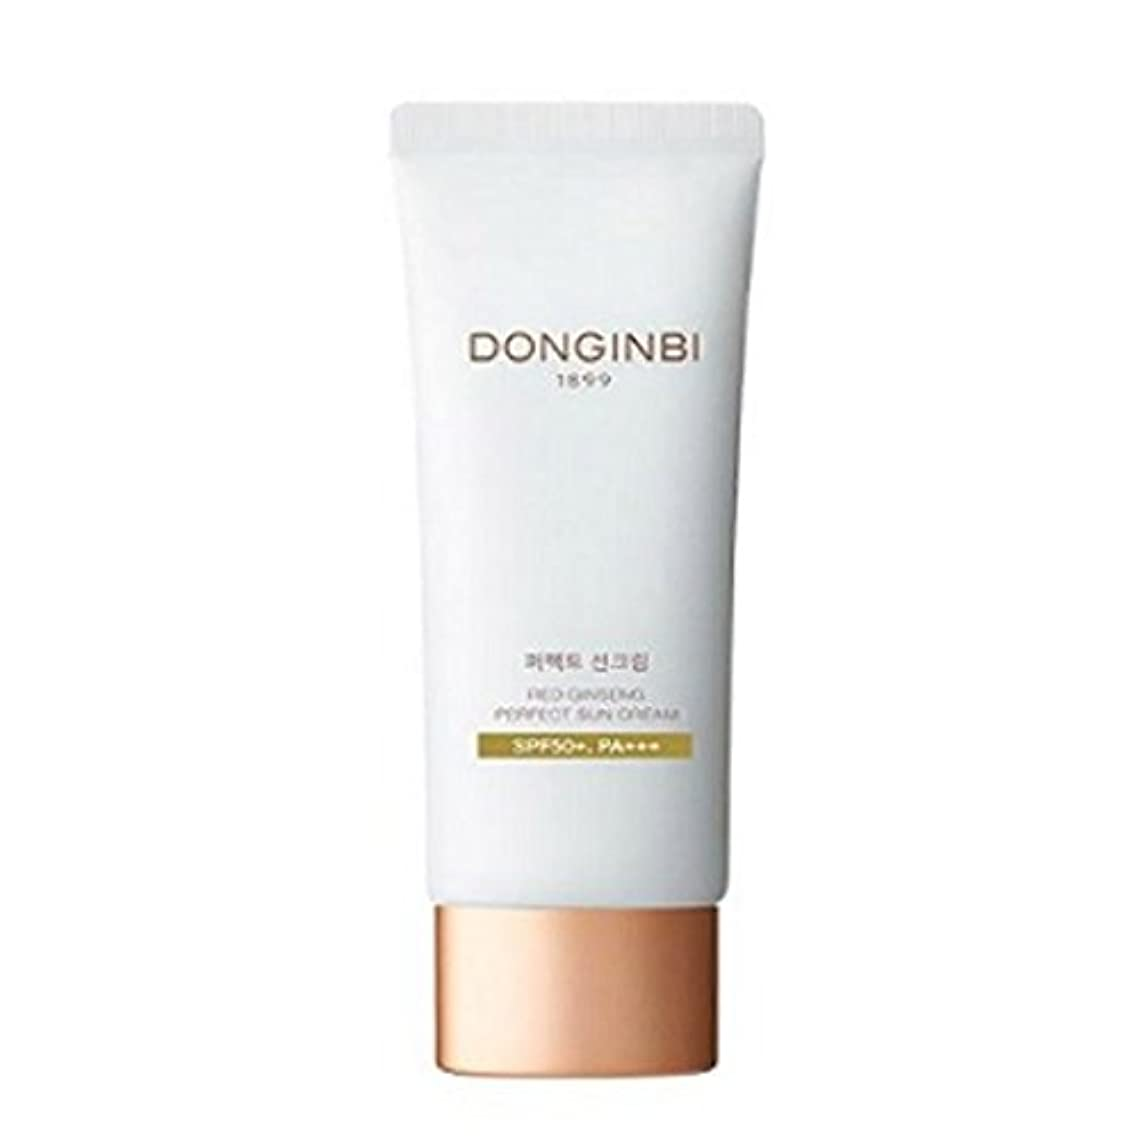 自治的ひねり委託[ドンインビ]DONGINBI ドンインビパーフェクトサンクリーム50ml 海外直送品 perfect suncream SPF50+ PA+++ 50ml [並行輸入品]